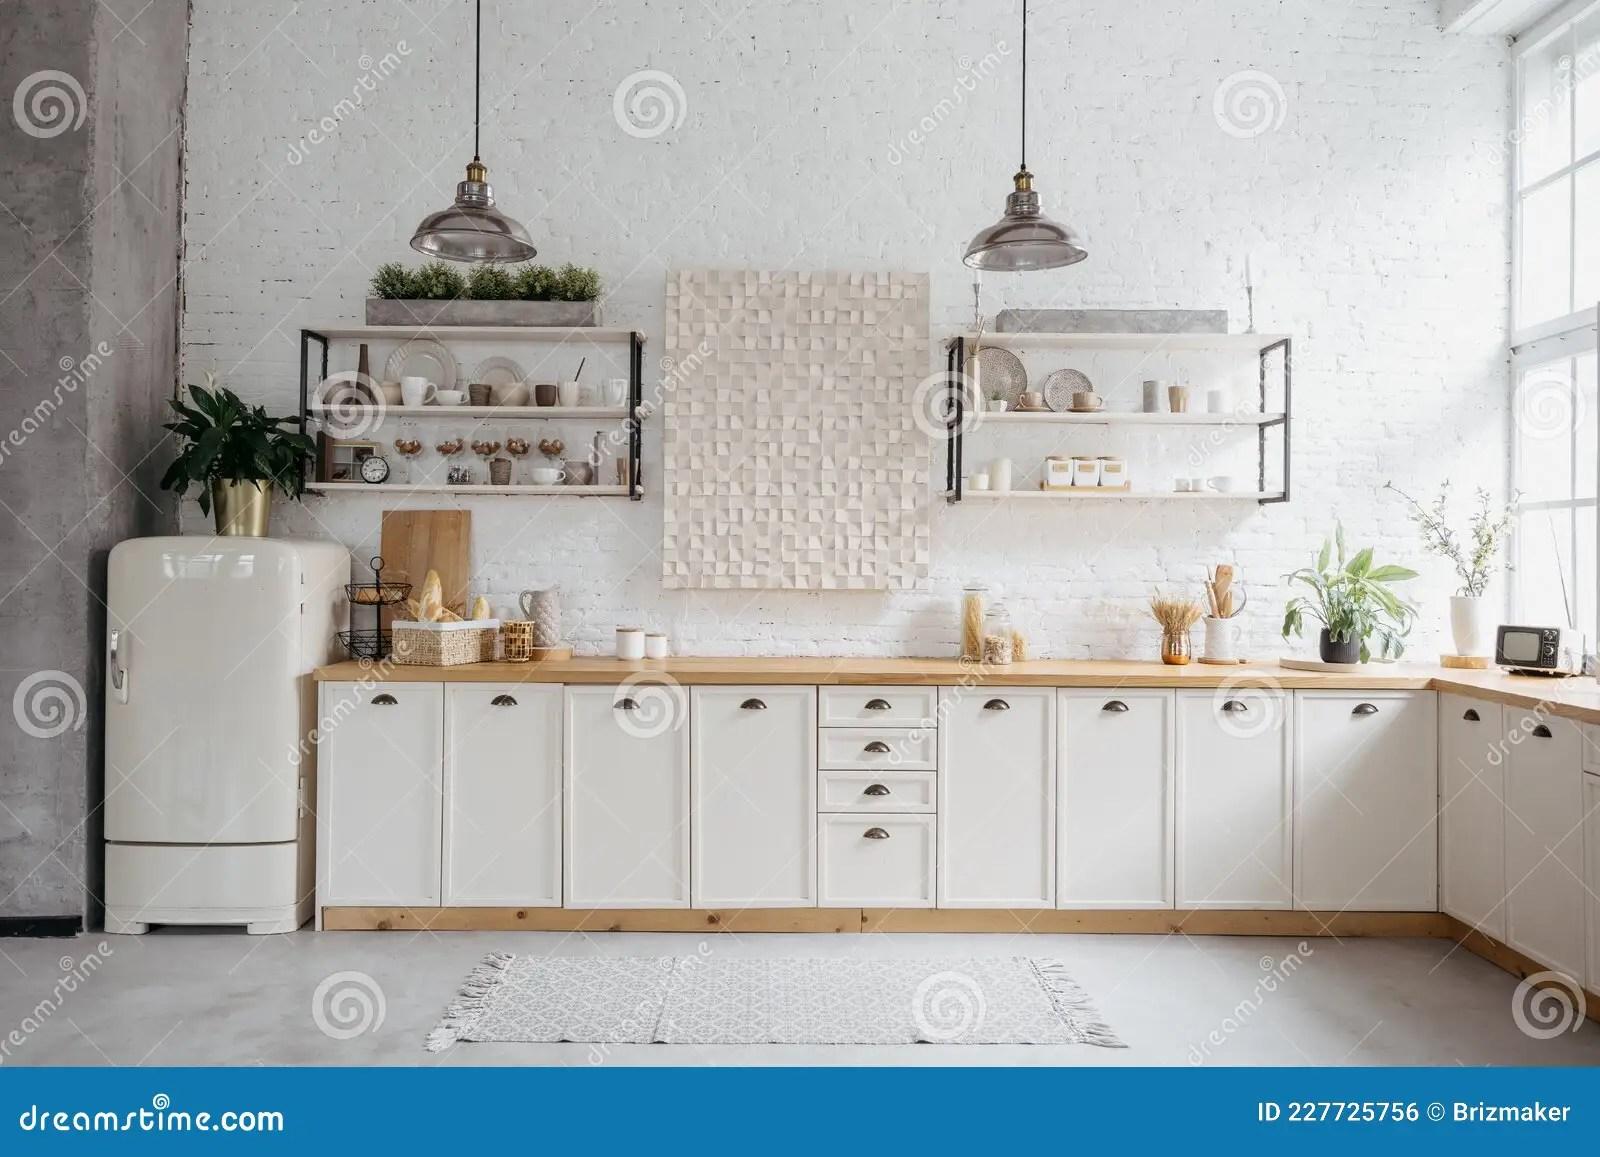 Il primo elemento distintivo di una cucina country chic sono i mobili. Rustic Kitchen Interior With White Brick Wall Stock Photo Image Of Copy House 227725756